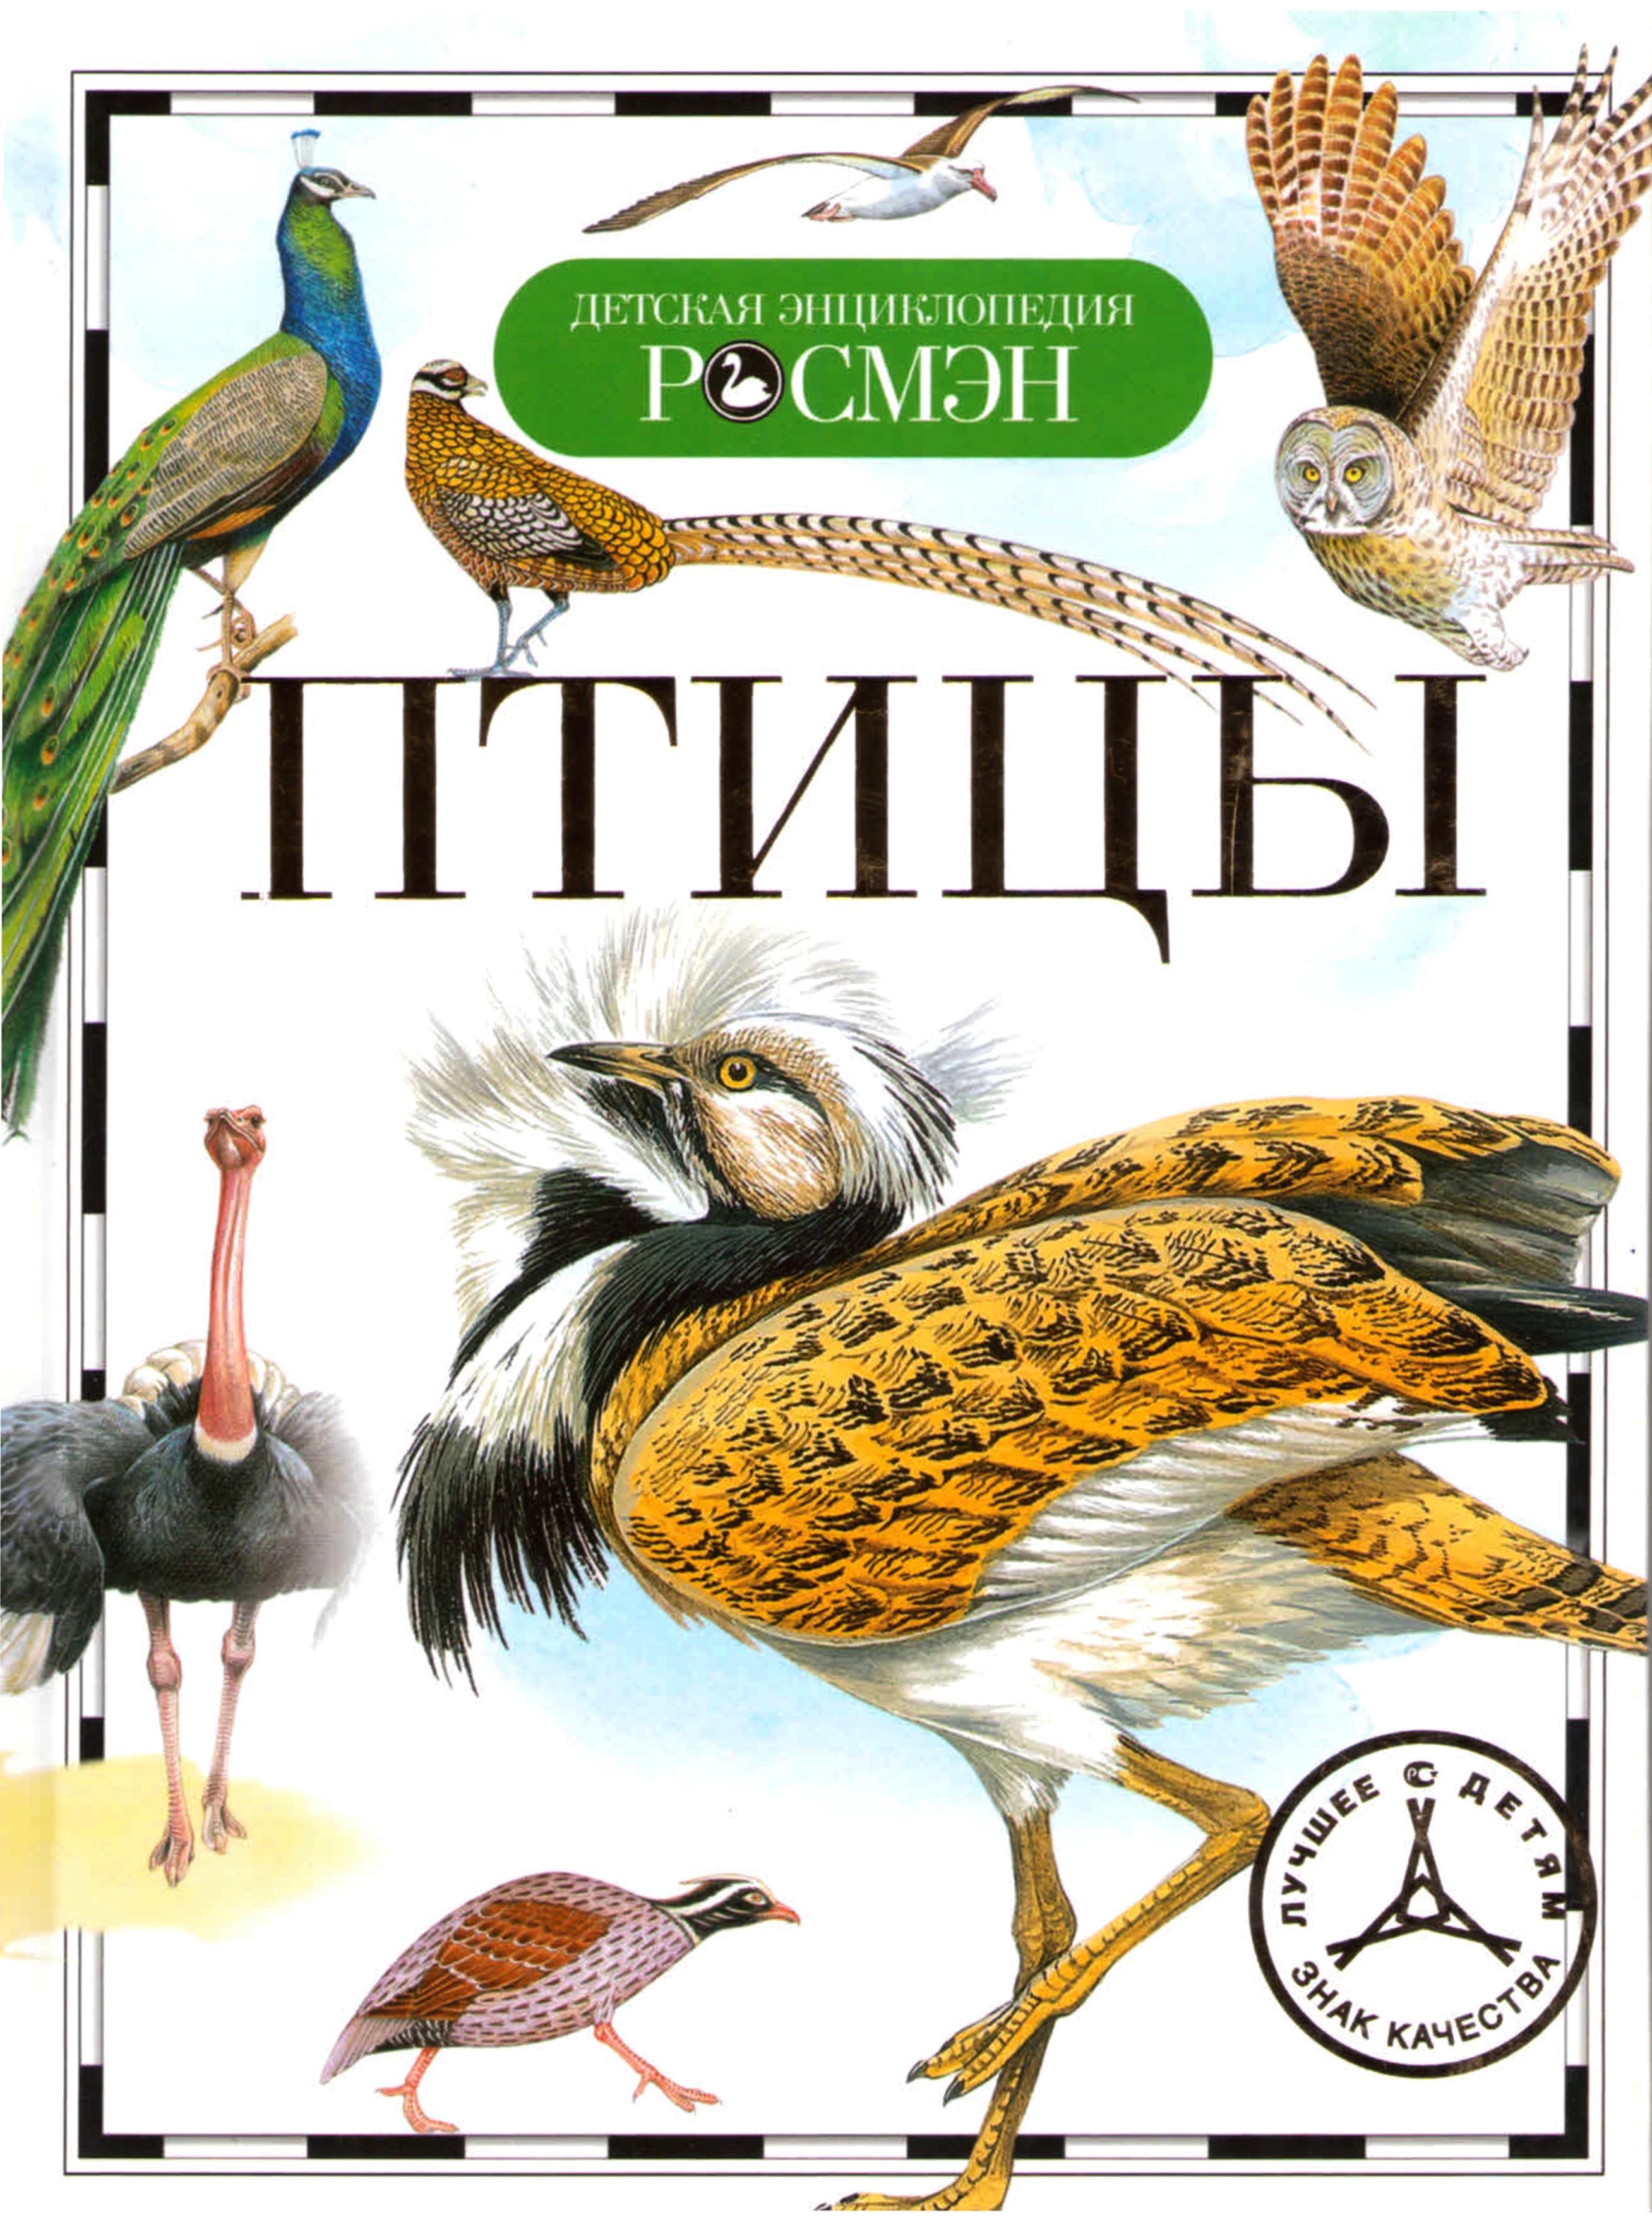 Энциклопедия «Птицы»Для детей старшего возраста<br>Энциклопедия «Птицы»<br>